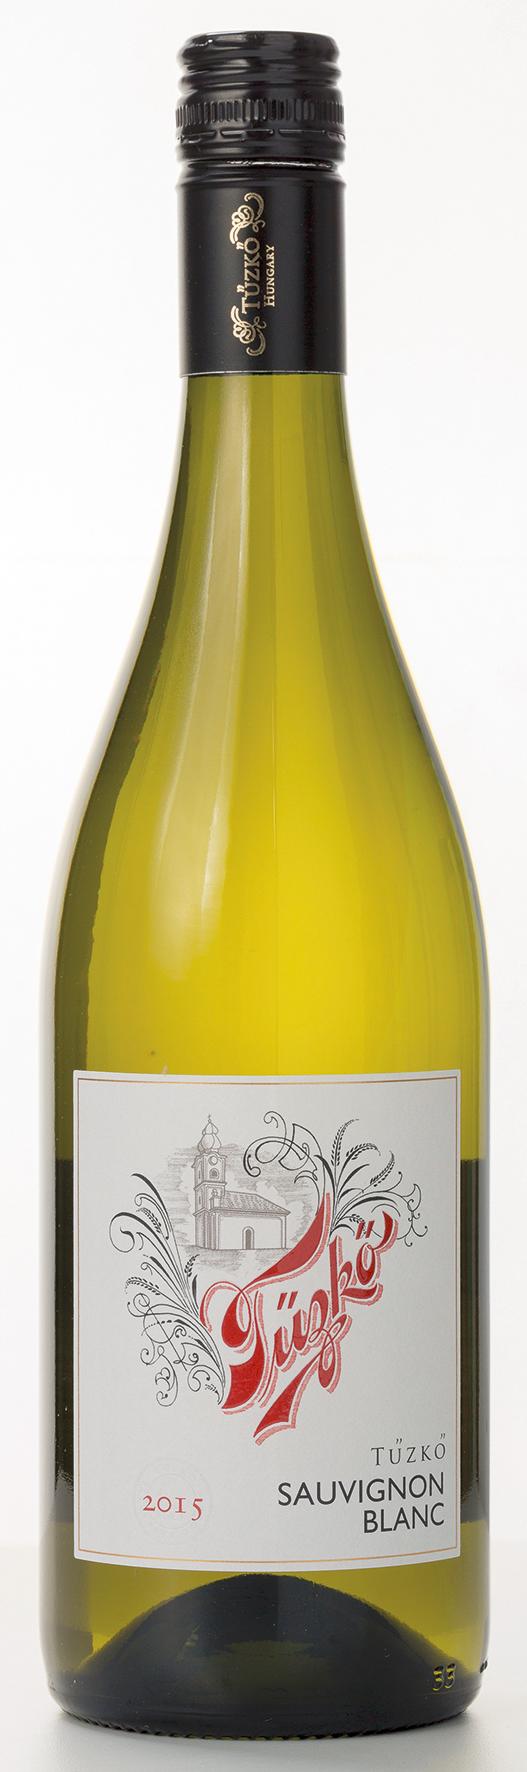 Sauvignon Blanc 2015 Tuzko Tzk Birtok Winery